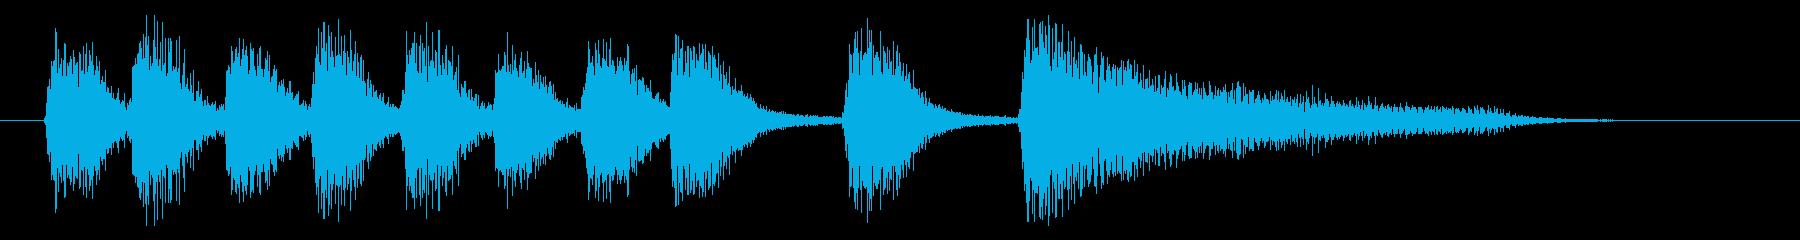 ピアノ/発表・場面転換・軽快なサウンドの再生済みの波形